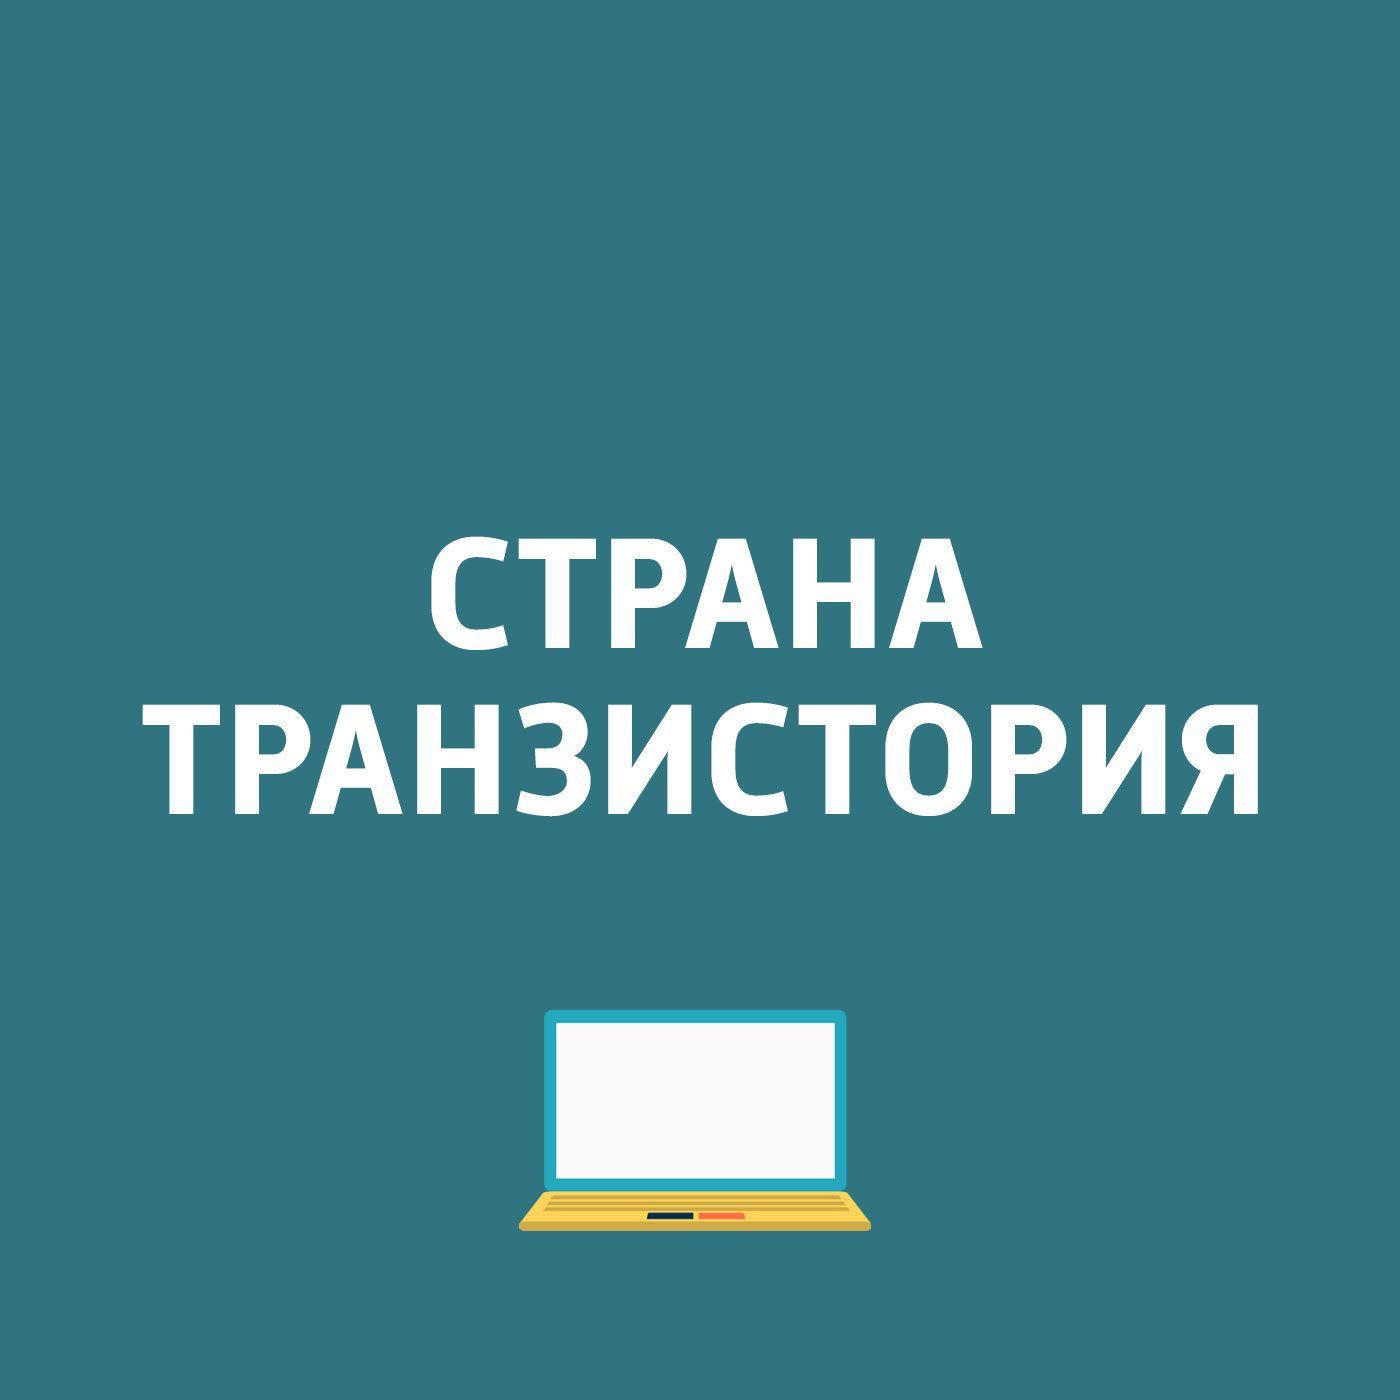 Картаев Павел MIT Technology Review опубликовал рейтинг ТОП-50 умных компаний TR50 бизнес книги рейтинг